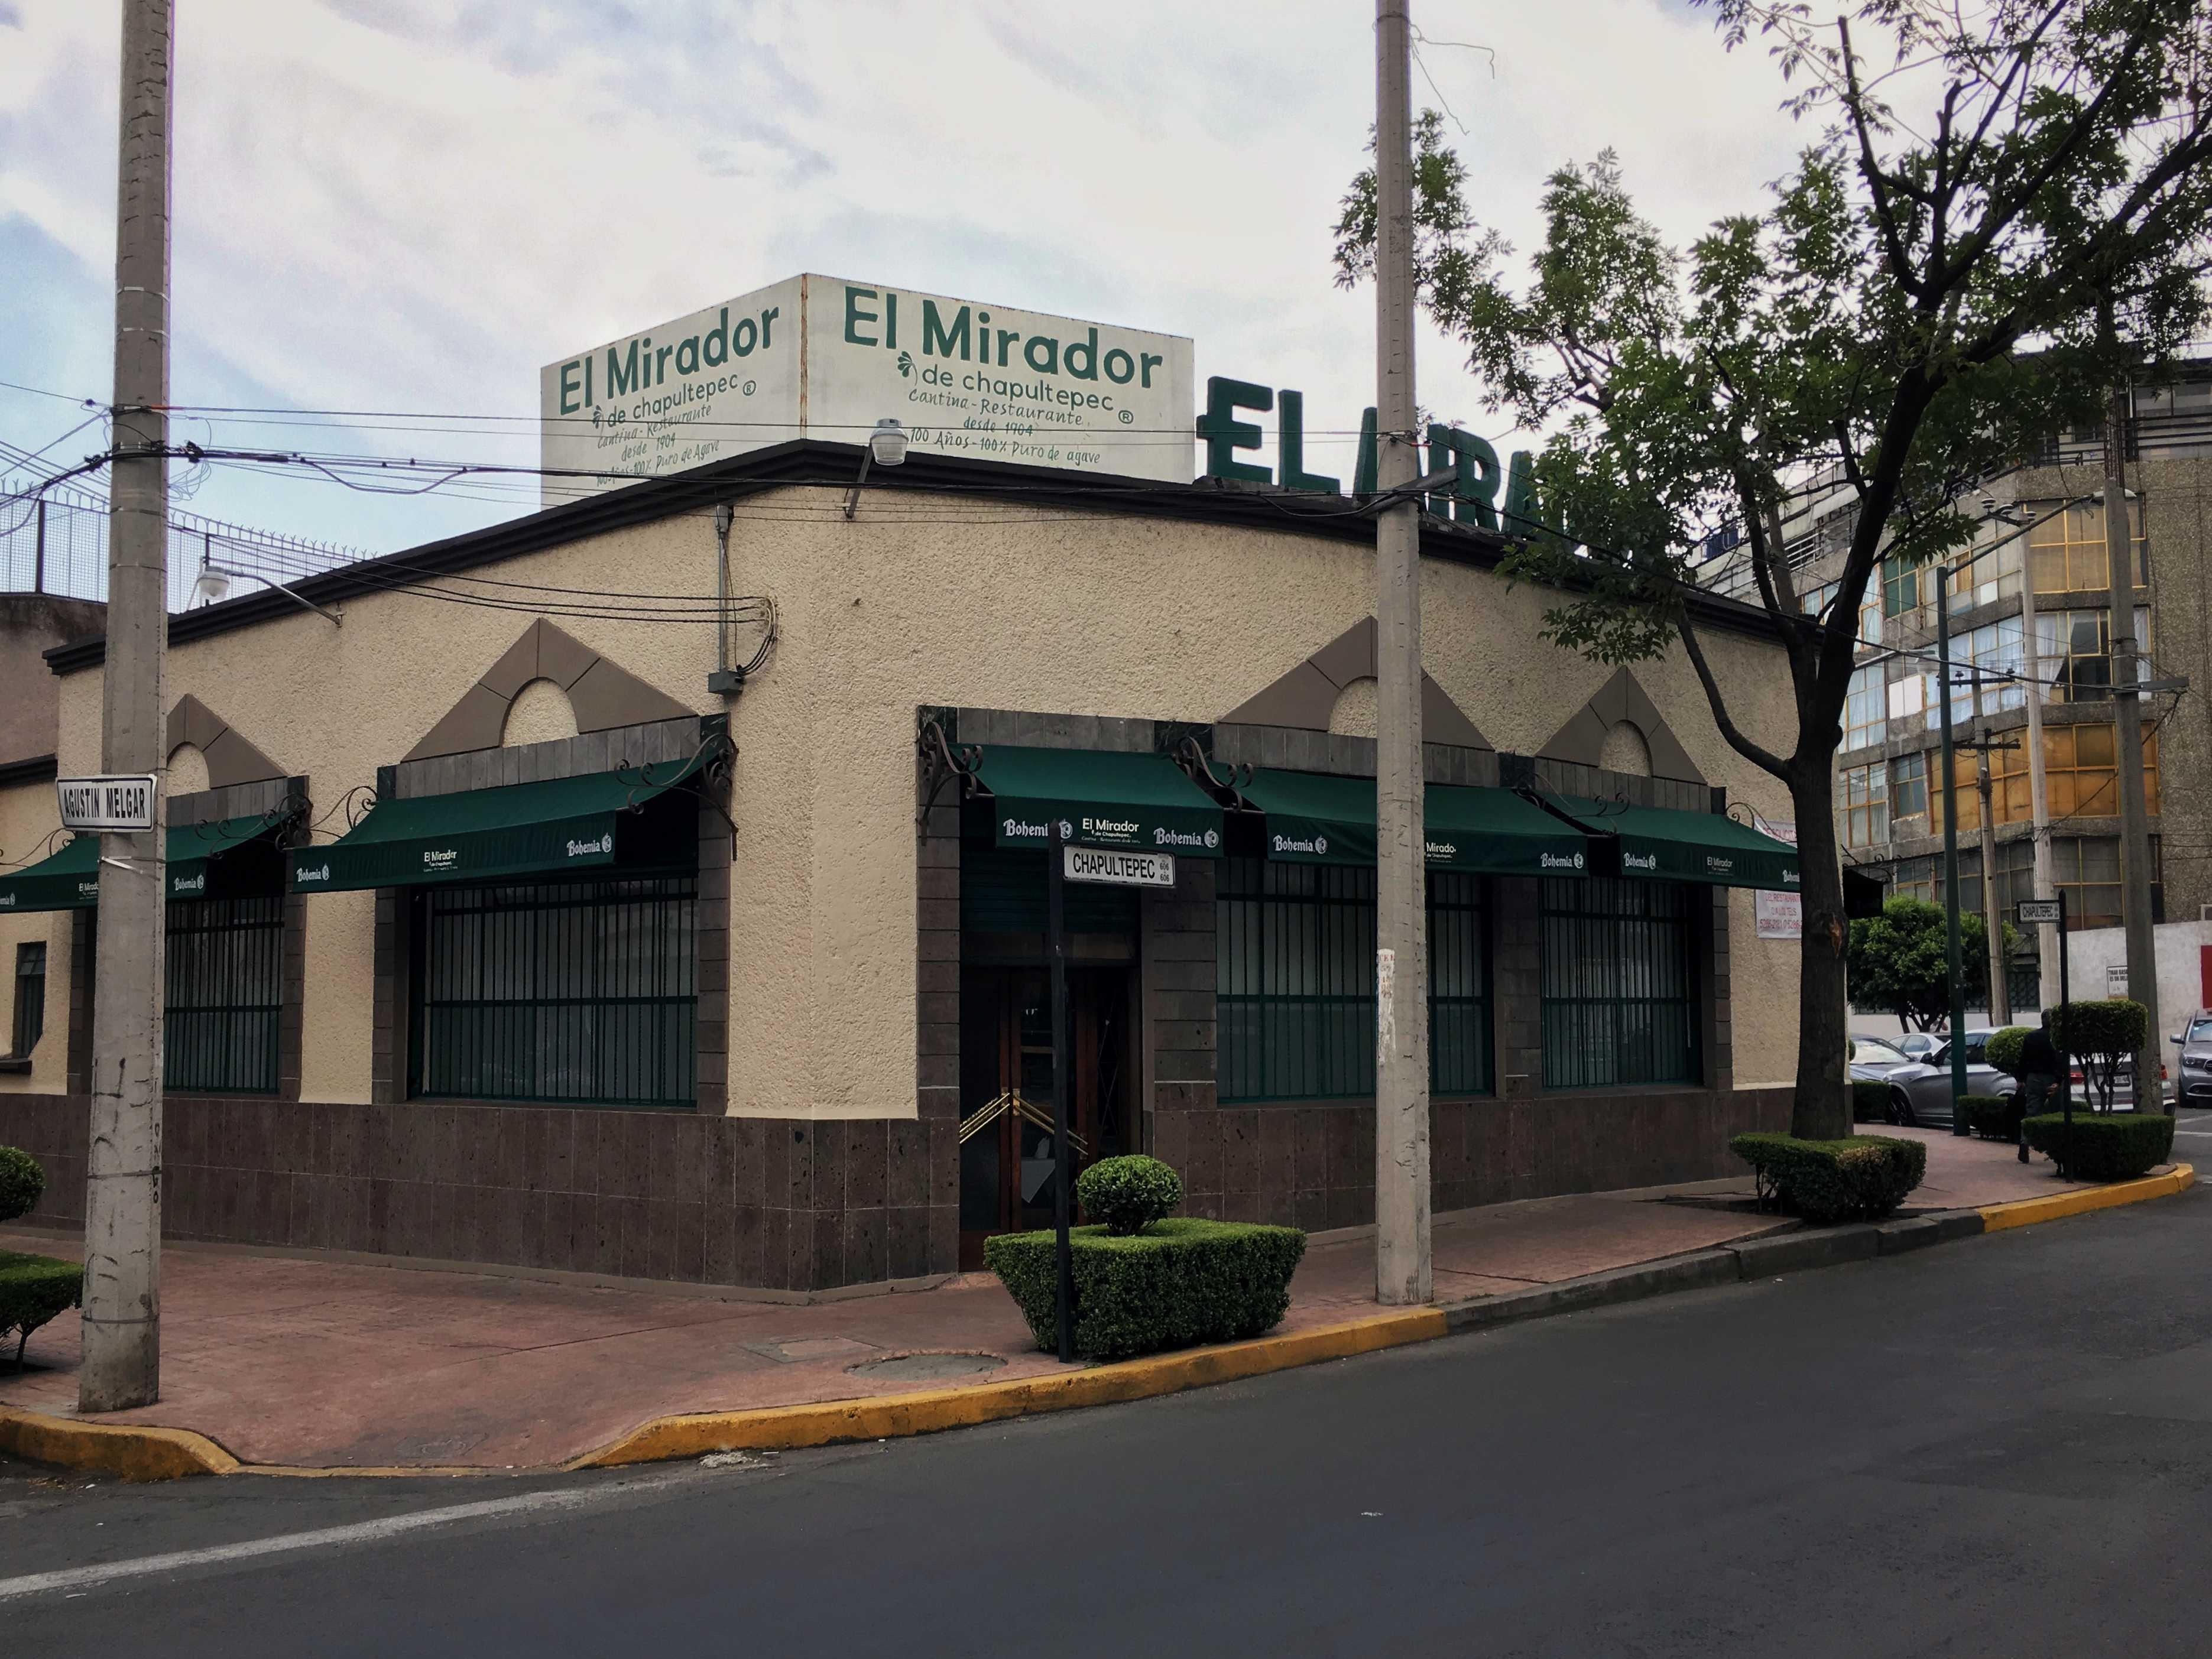 Todo lo que uno debería de saber sobre Mexico City - Página 2 El-mirador-de-chapultepec